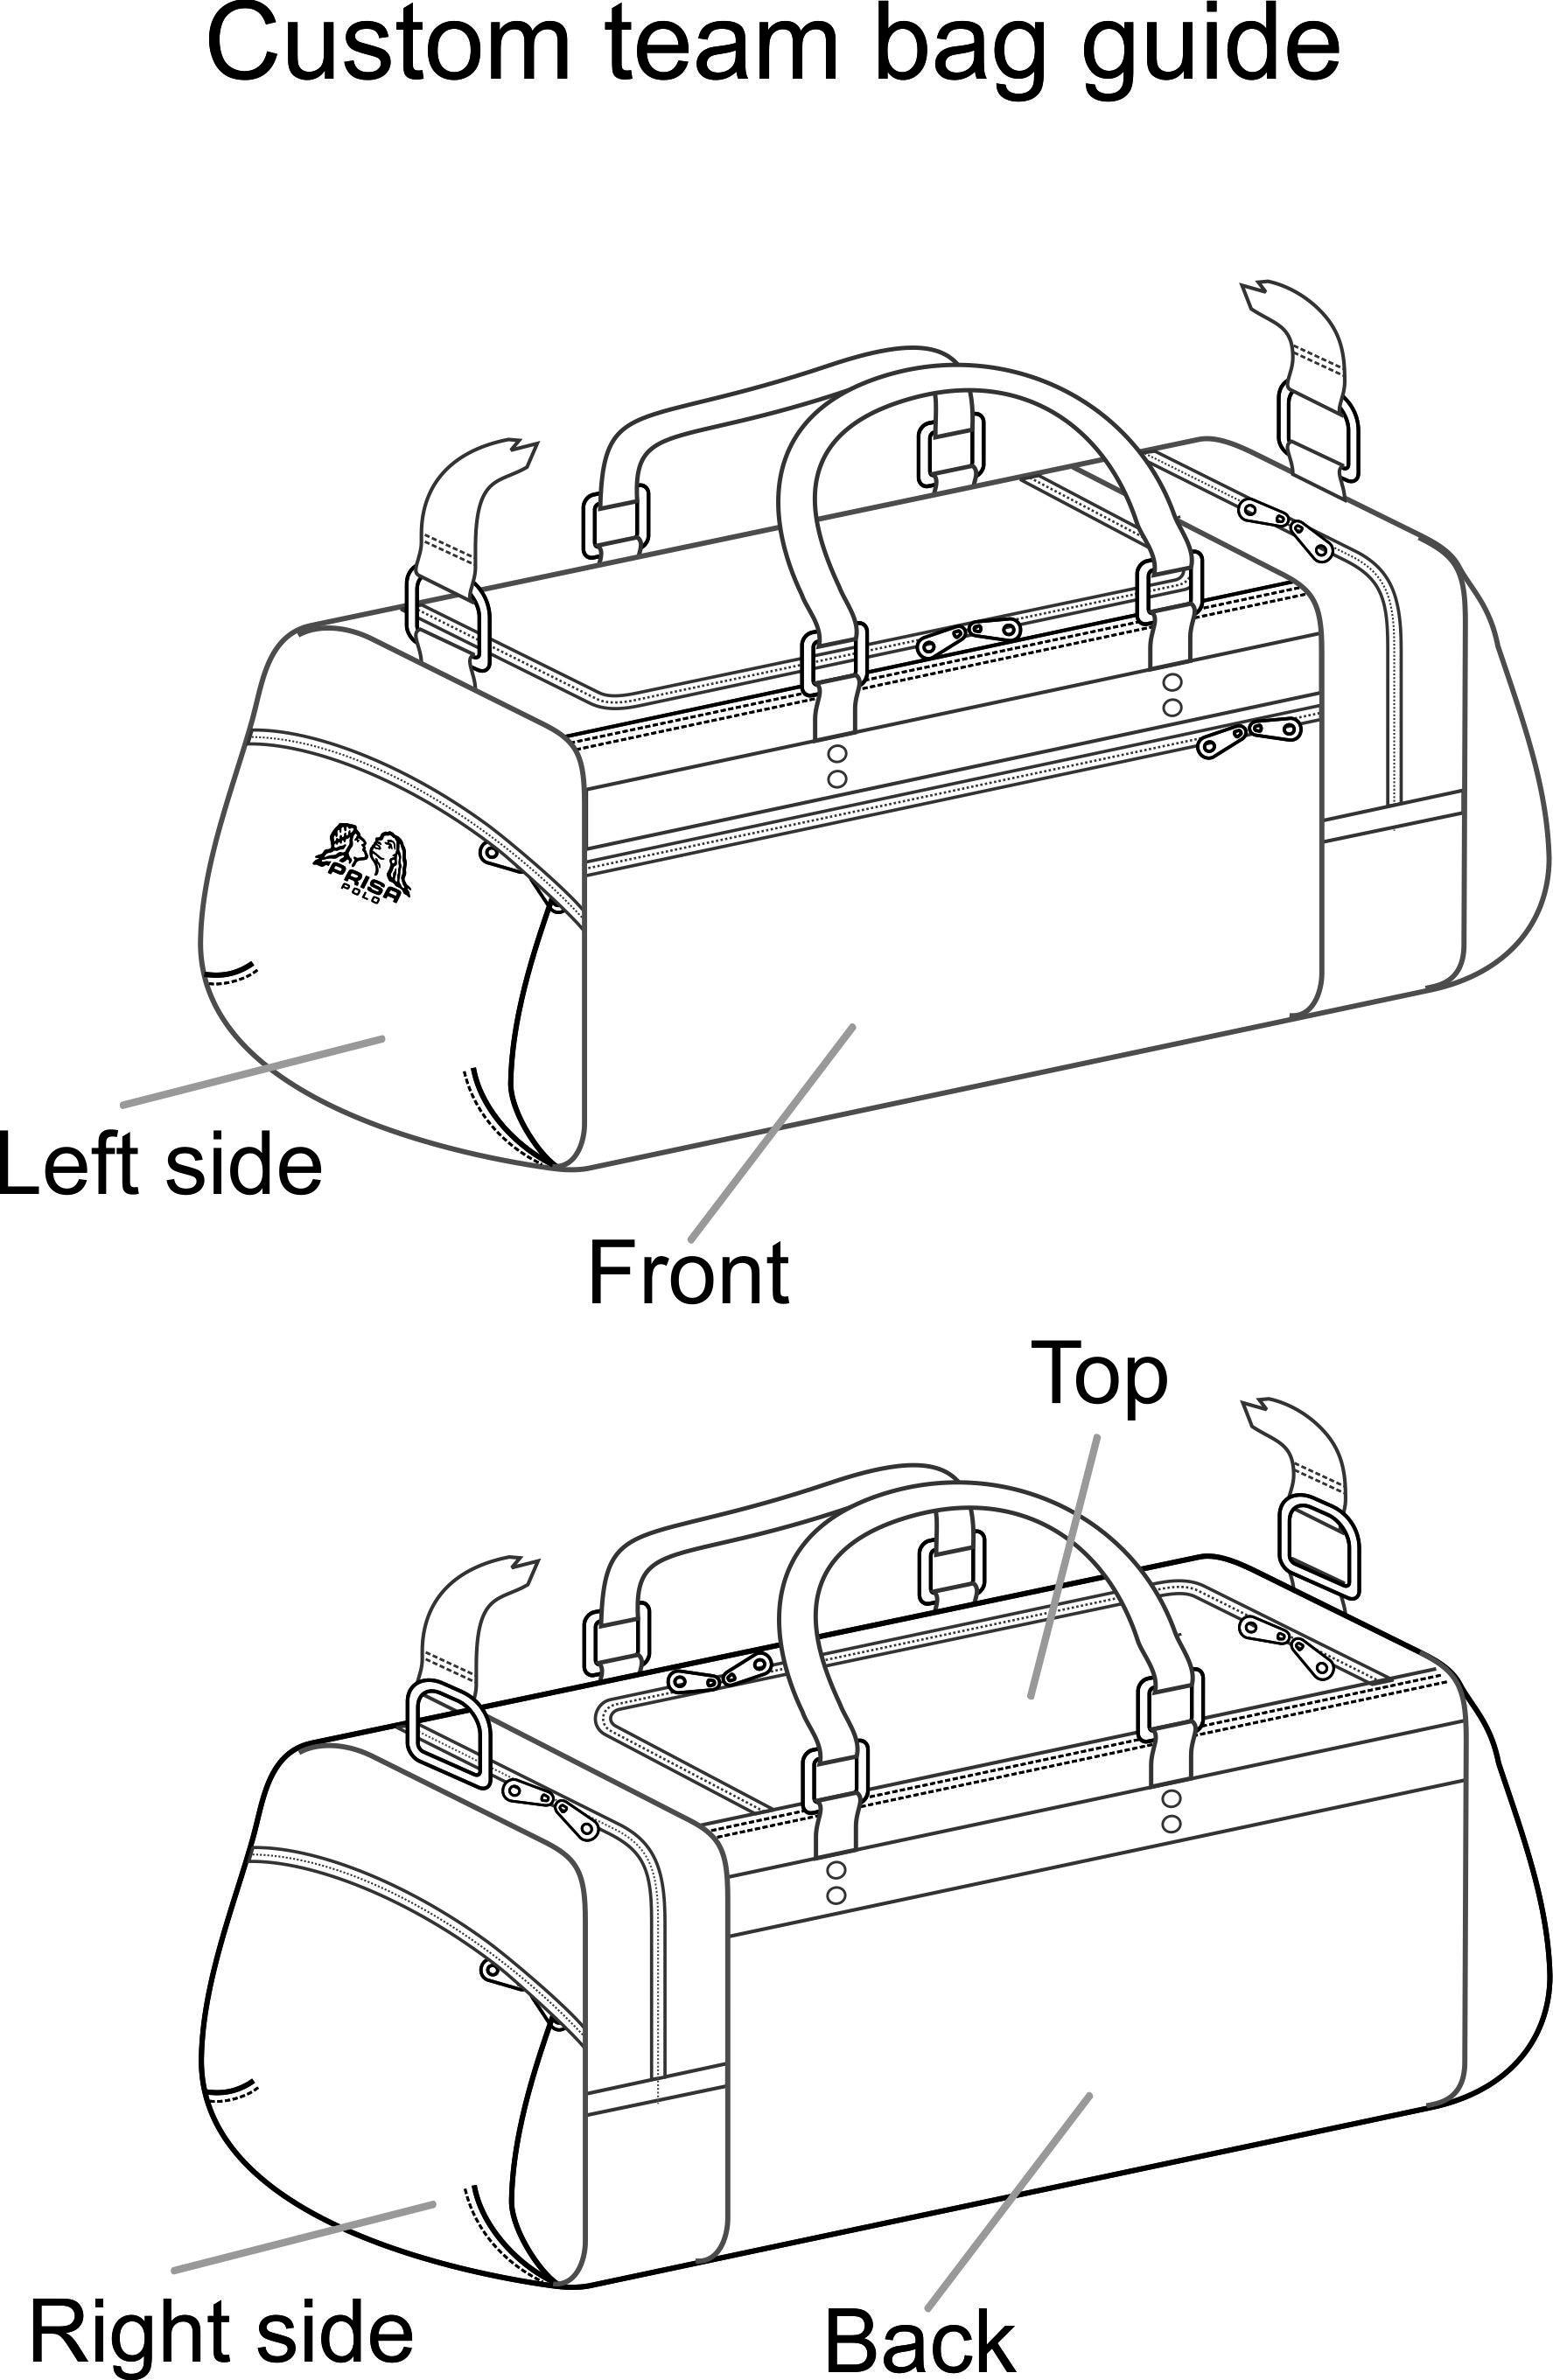 Underside Of Car Diagram Prisa Polo Polo Team Bags and More Of Underside Of Car Diagram